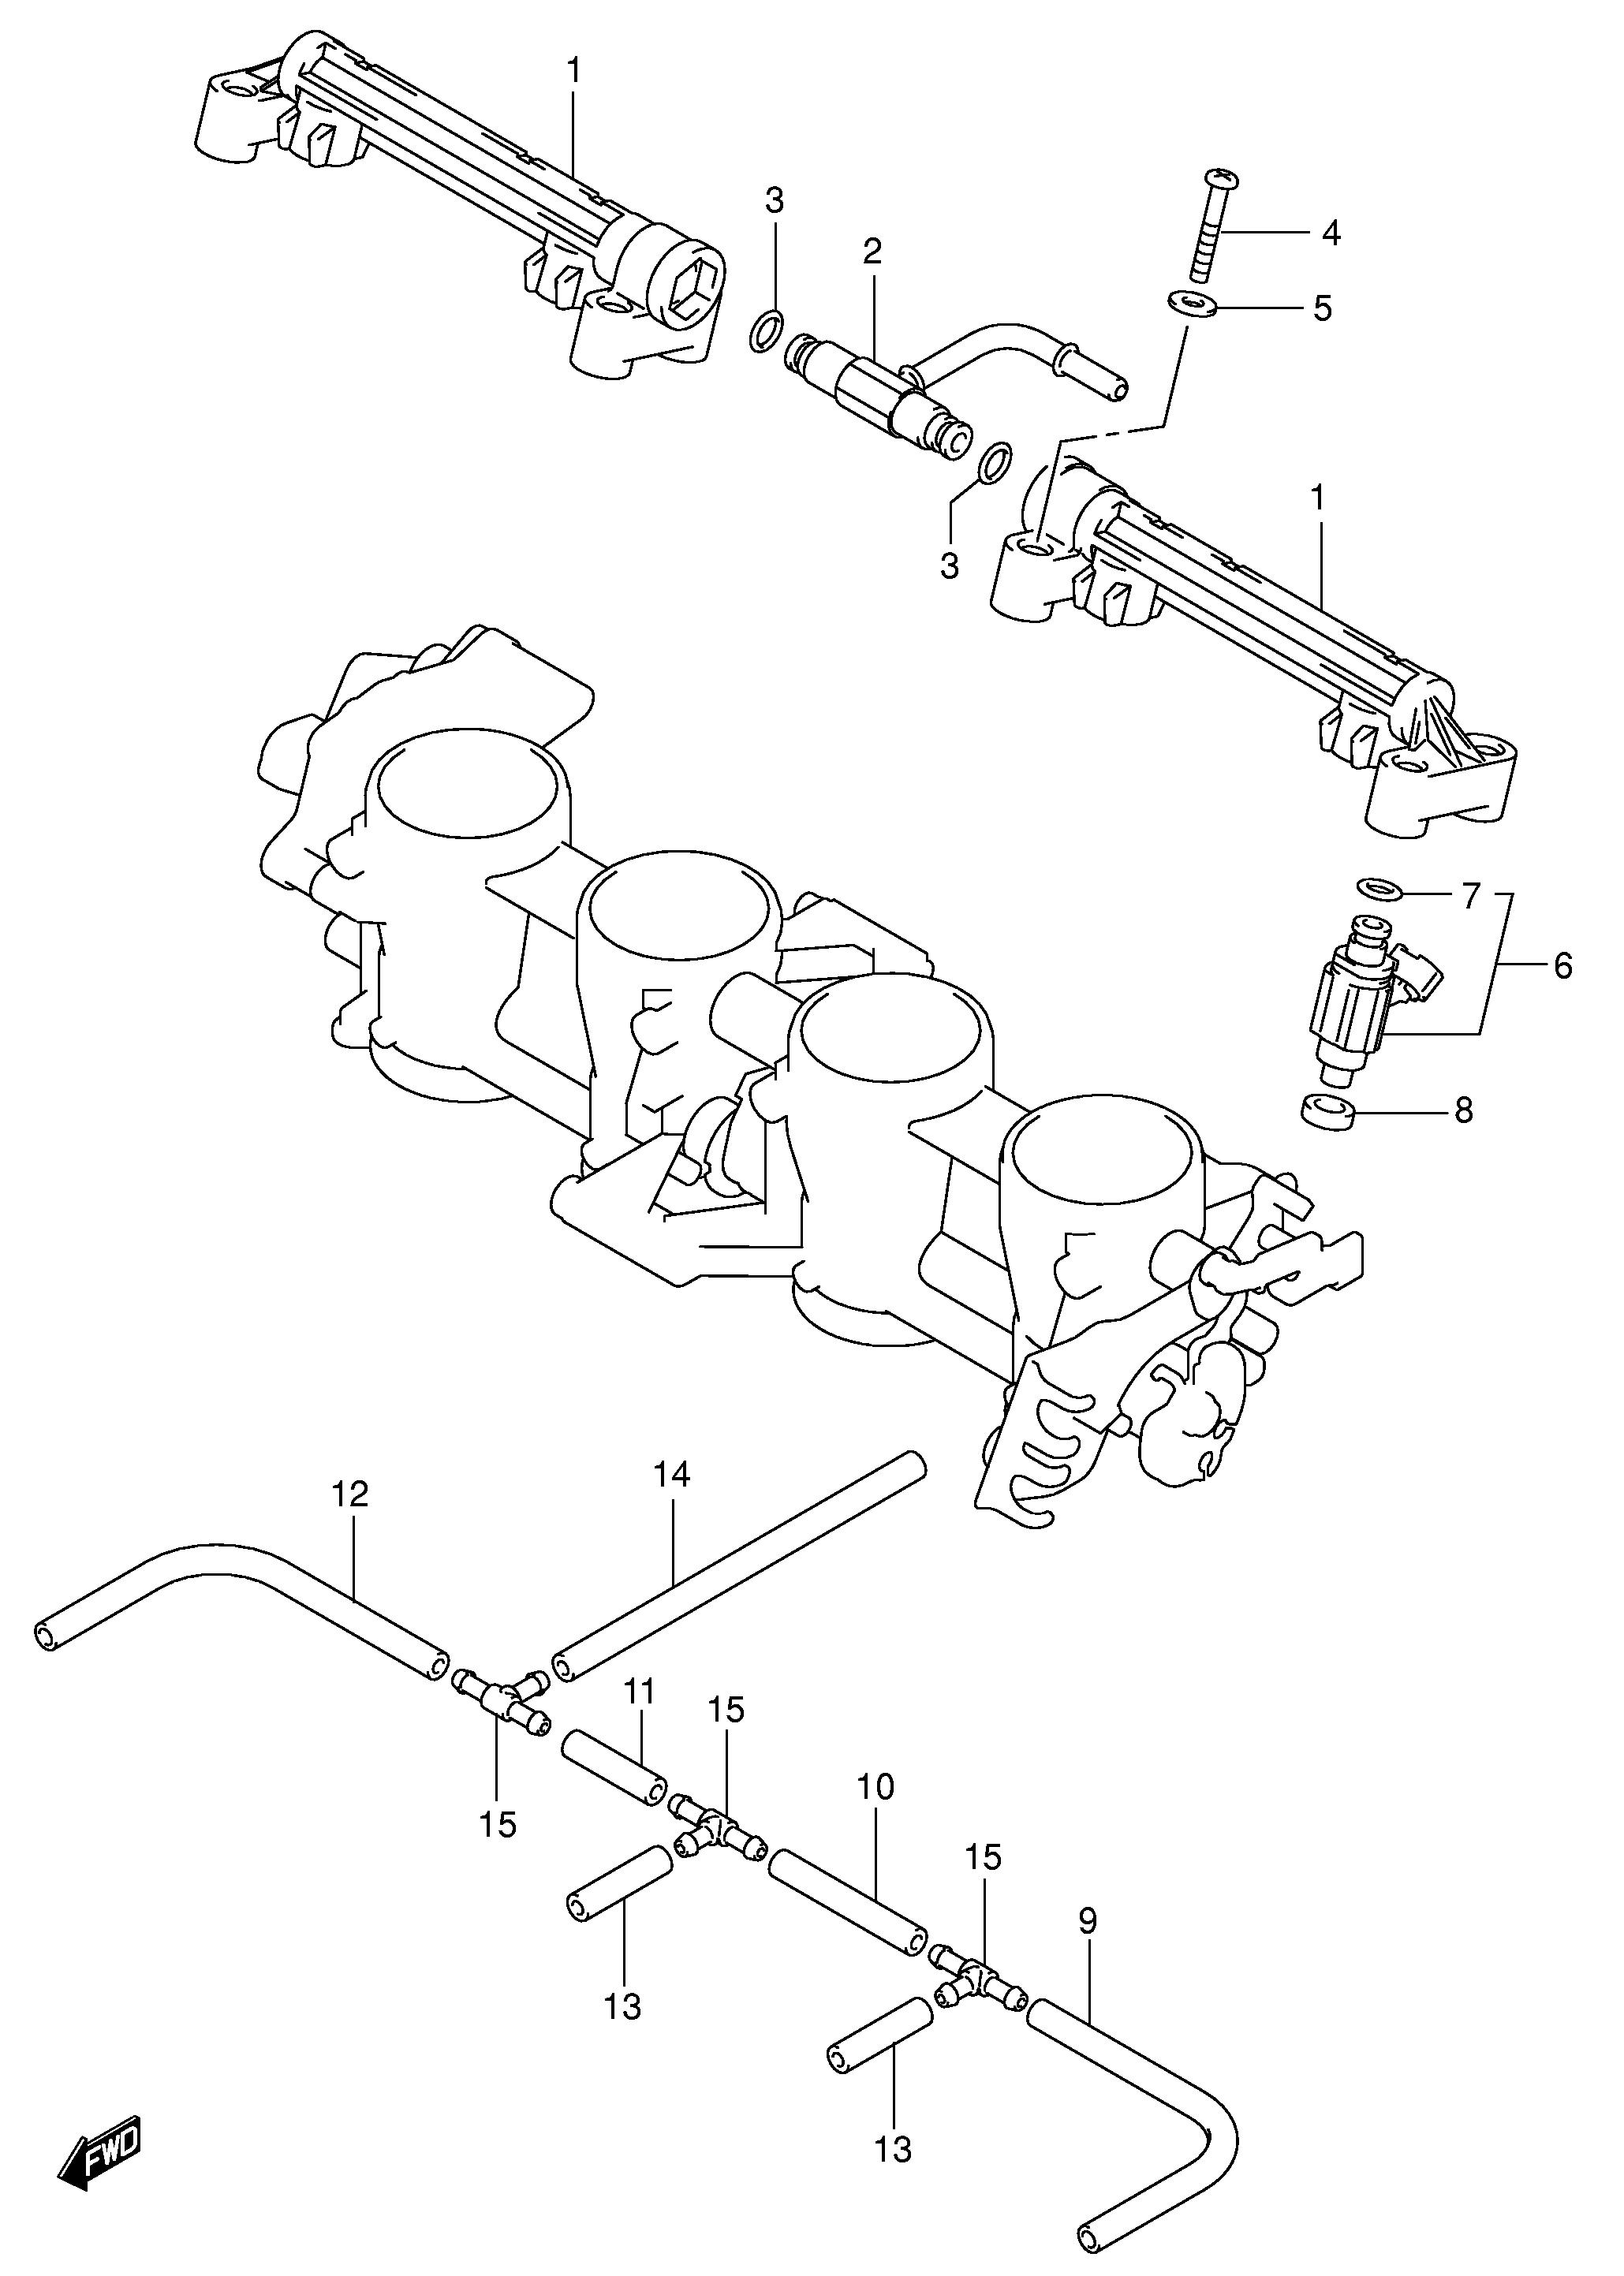 Cuerpo inyeccion superior inyectores Suzuki Gsx 600 r 2004